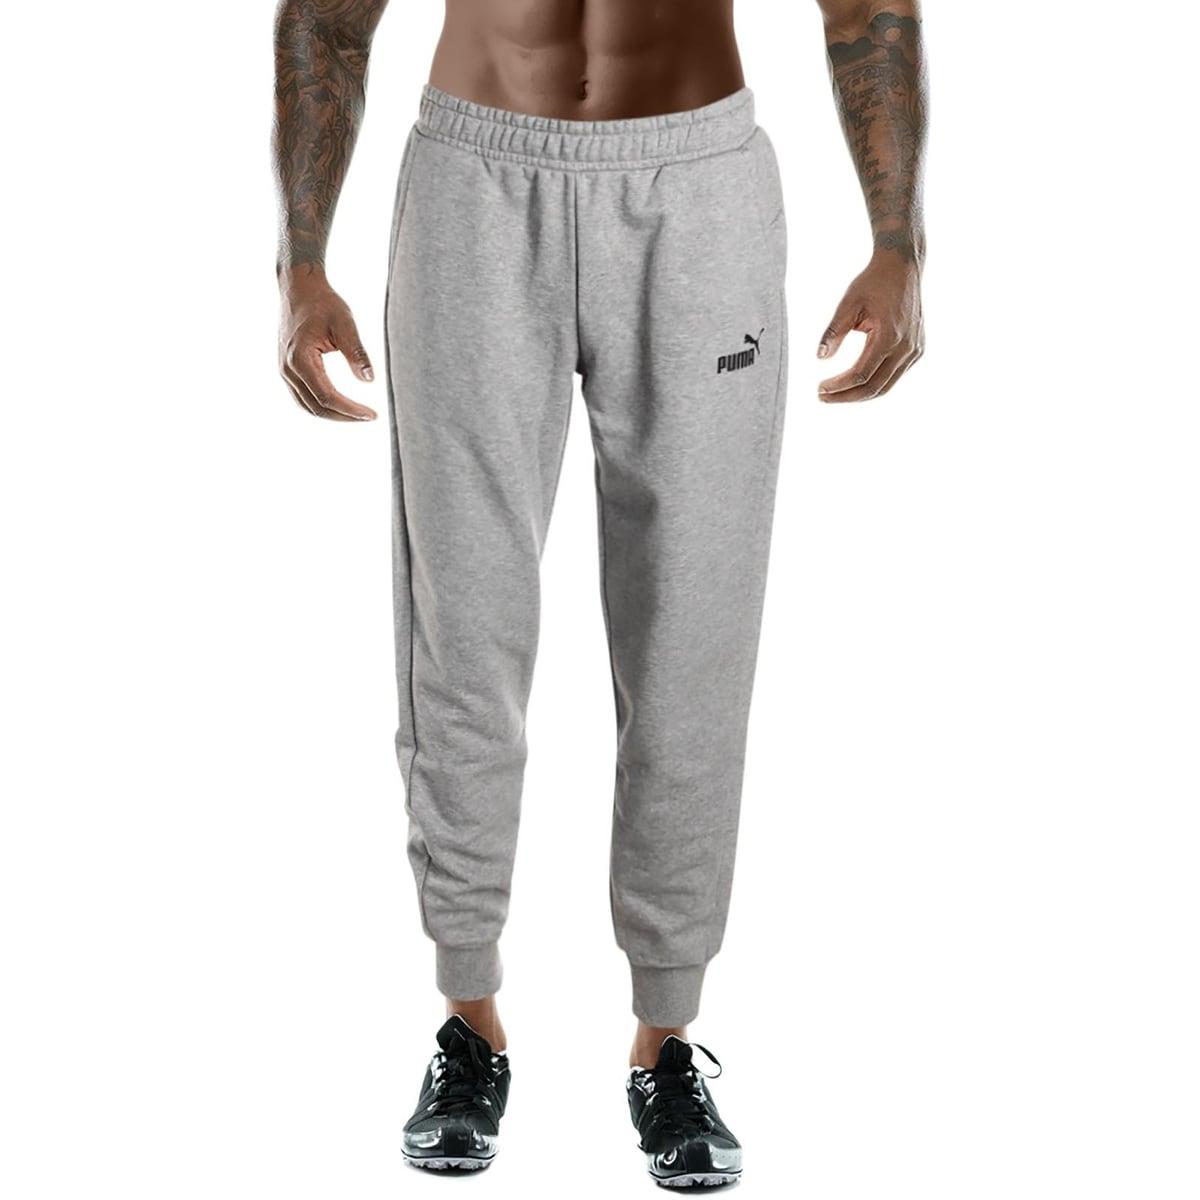 0f906c103b71 Shop Puma Mens Essentials Fleece Pants Sweatpants Lounge Jogger ...